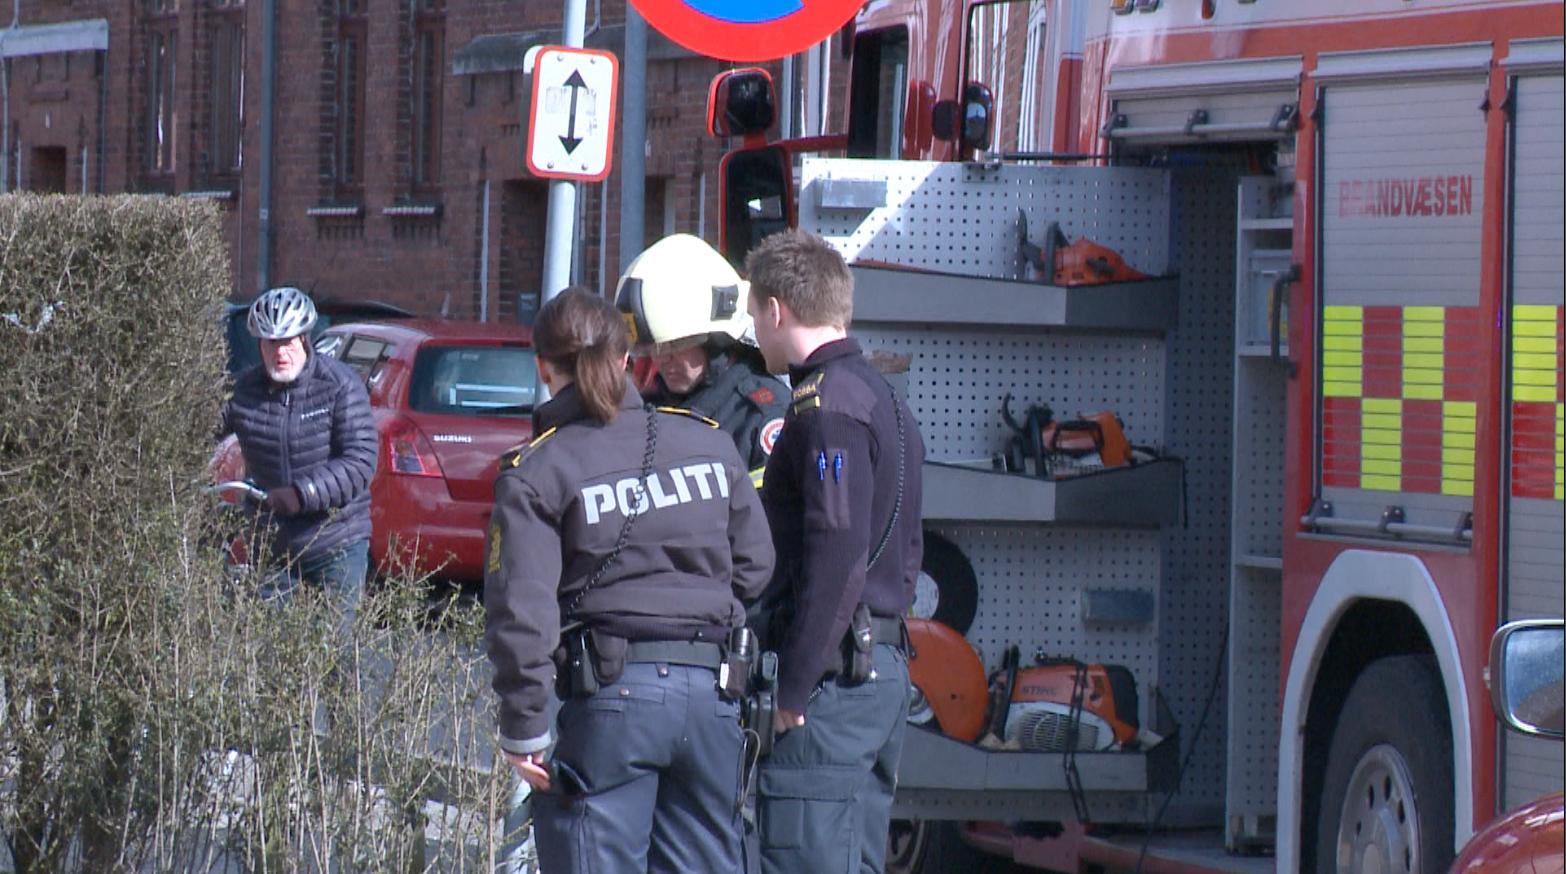 Større politiøvelse i Fredericia onsdag